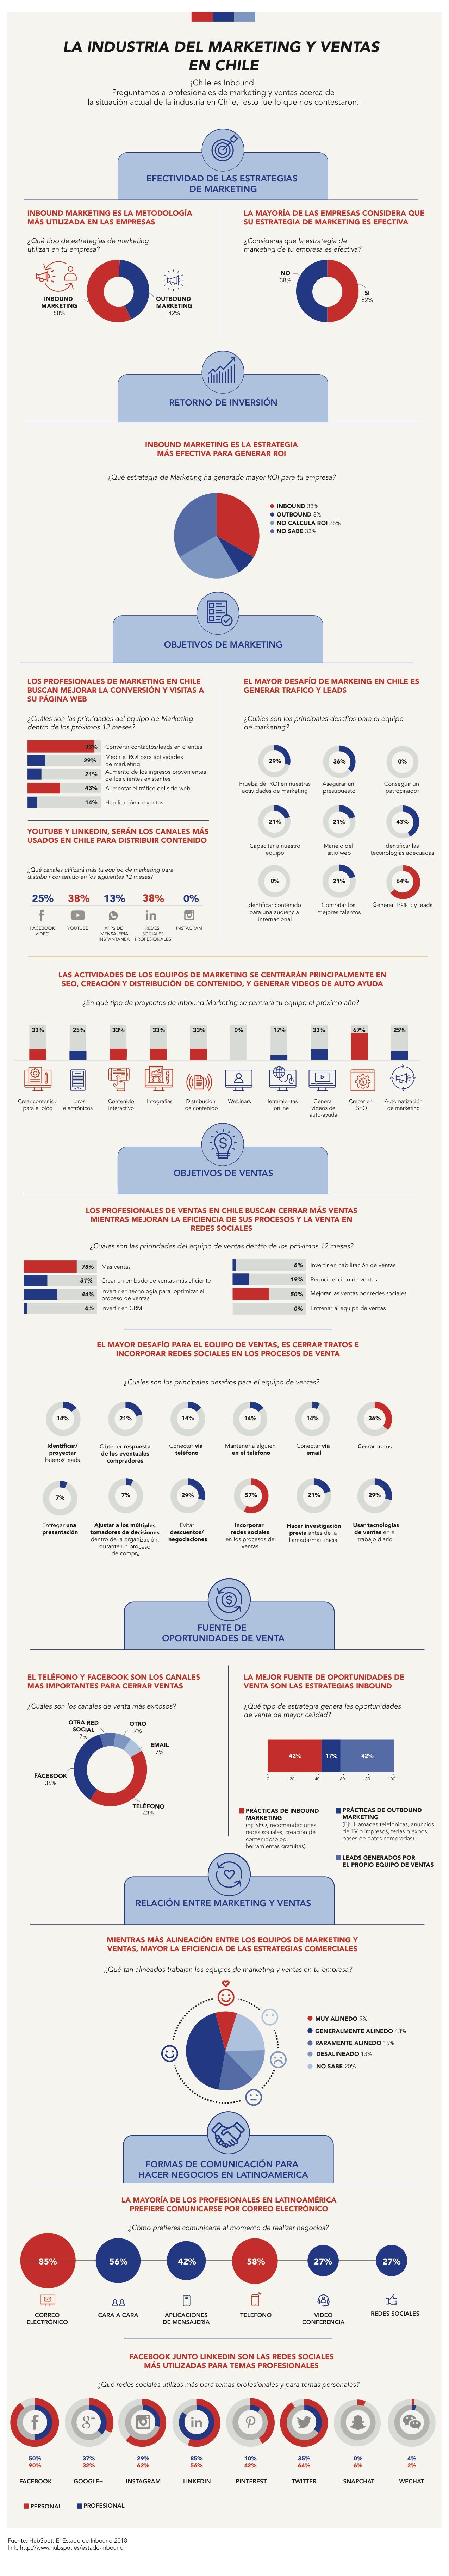 Industria de Marketing y Ventas enChile  2018-3